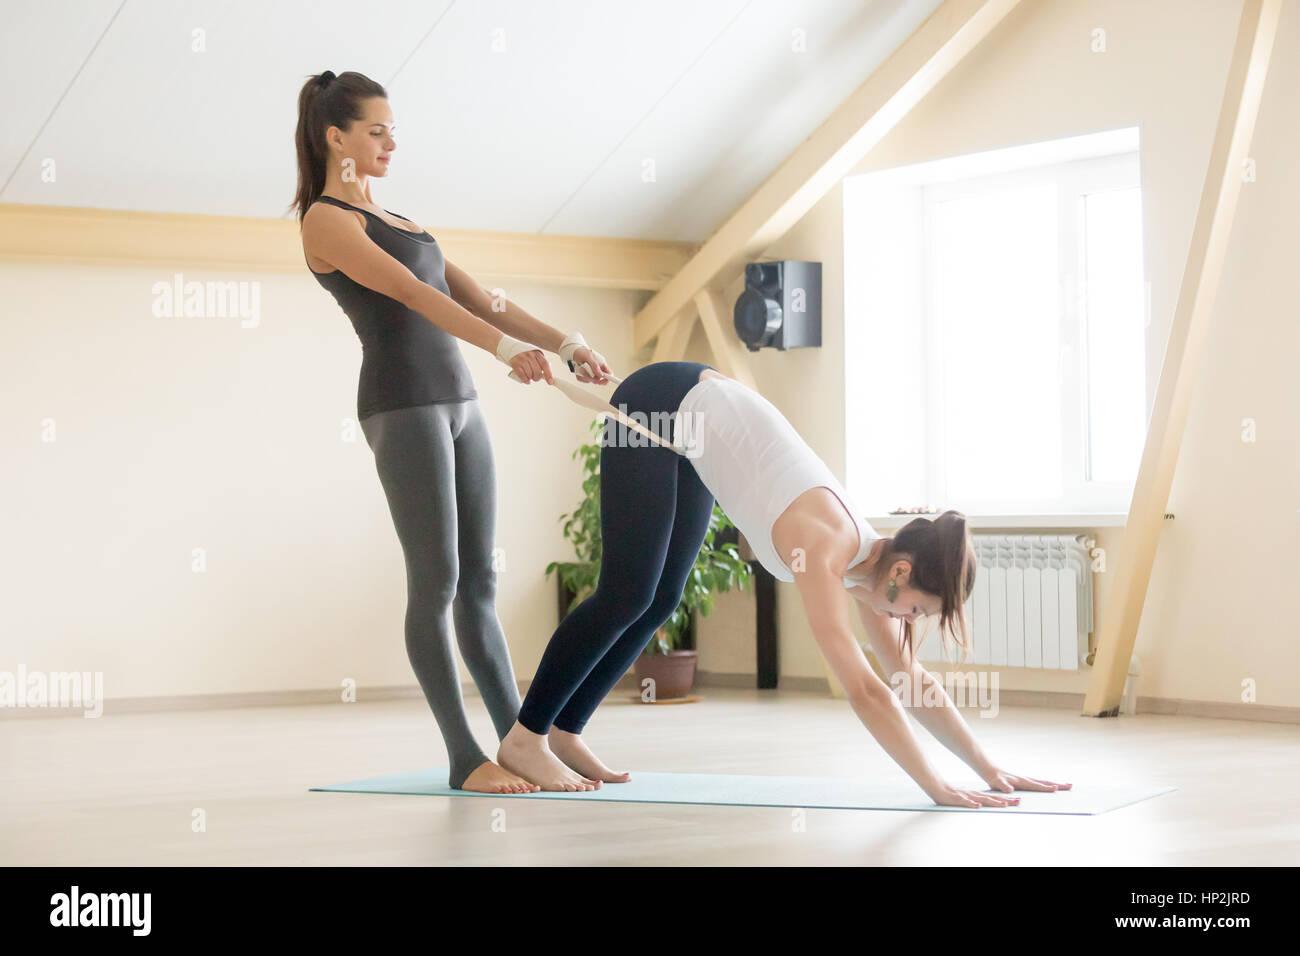 Mujer hermosa joven maestro yogui ayudando en yoga clas Imagen De Stock